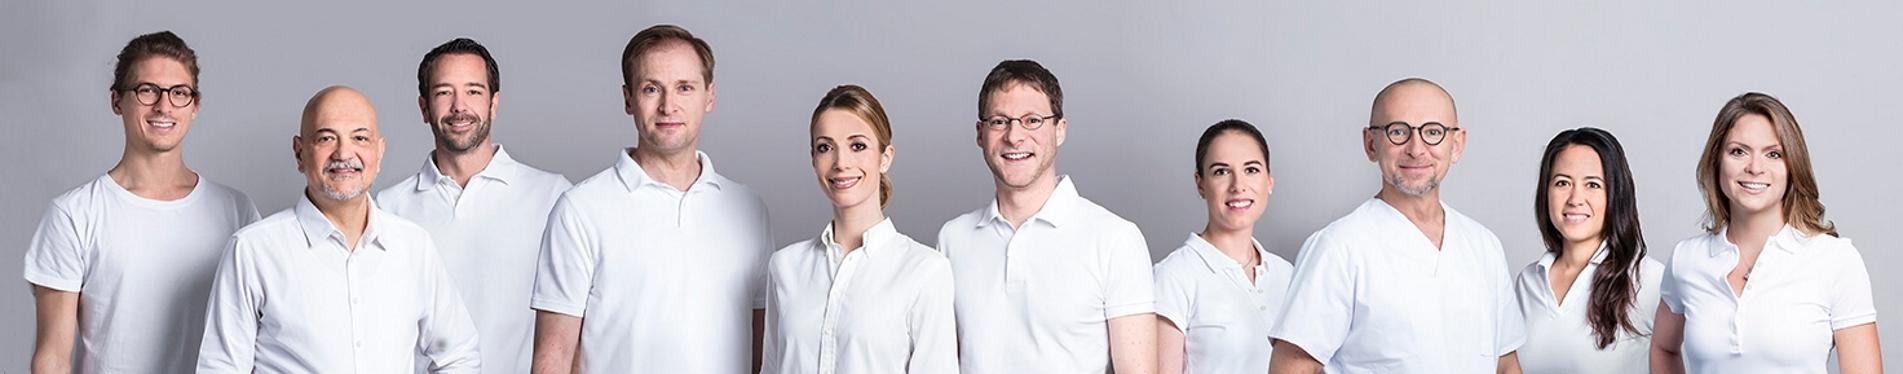 Zahnärzte Team Zürich